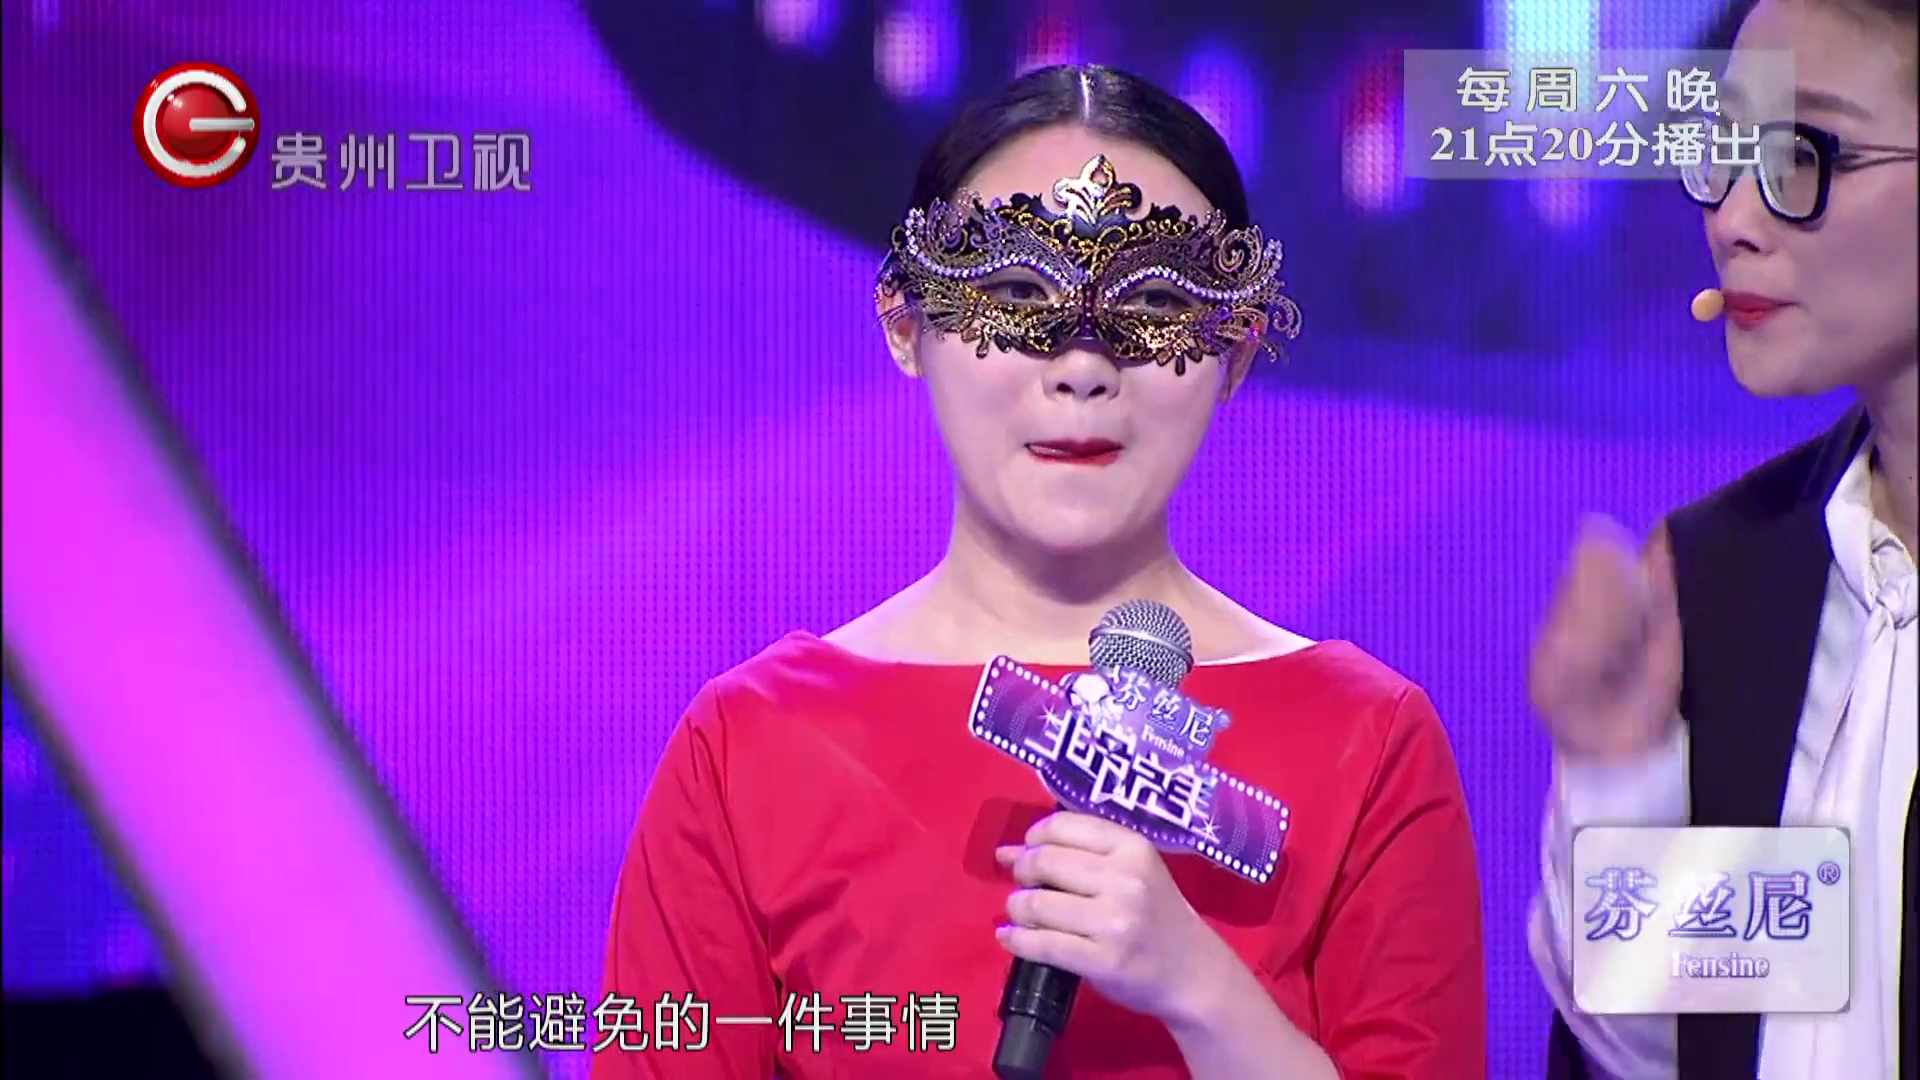 《非常完美 2015》-20151226期精彩看点 美女献唱韩语歌 真情打动主持人